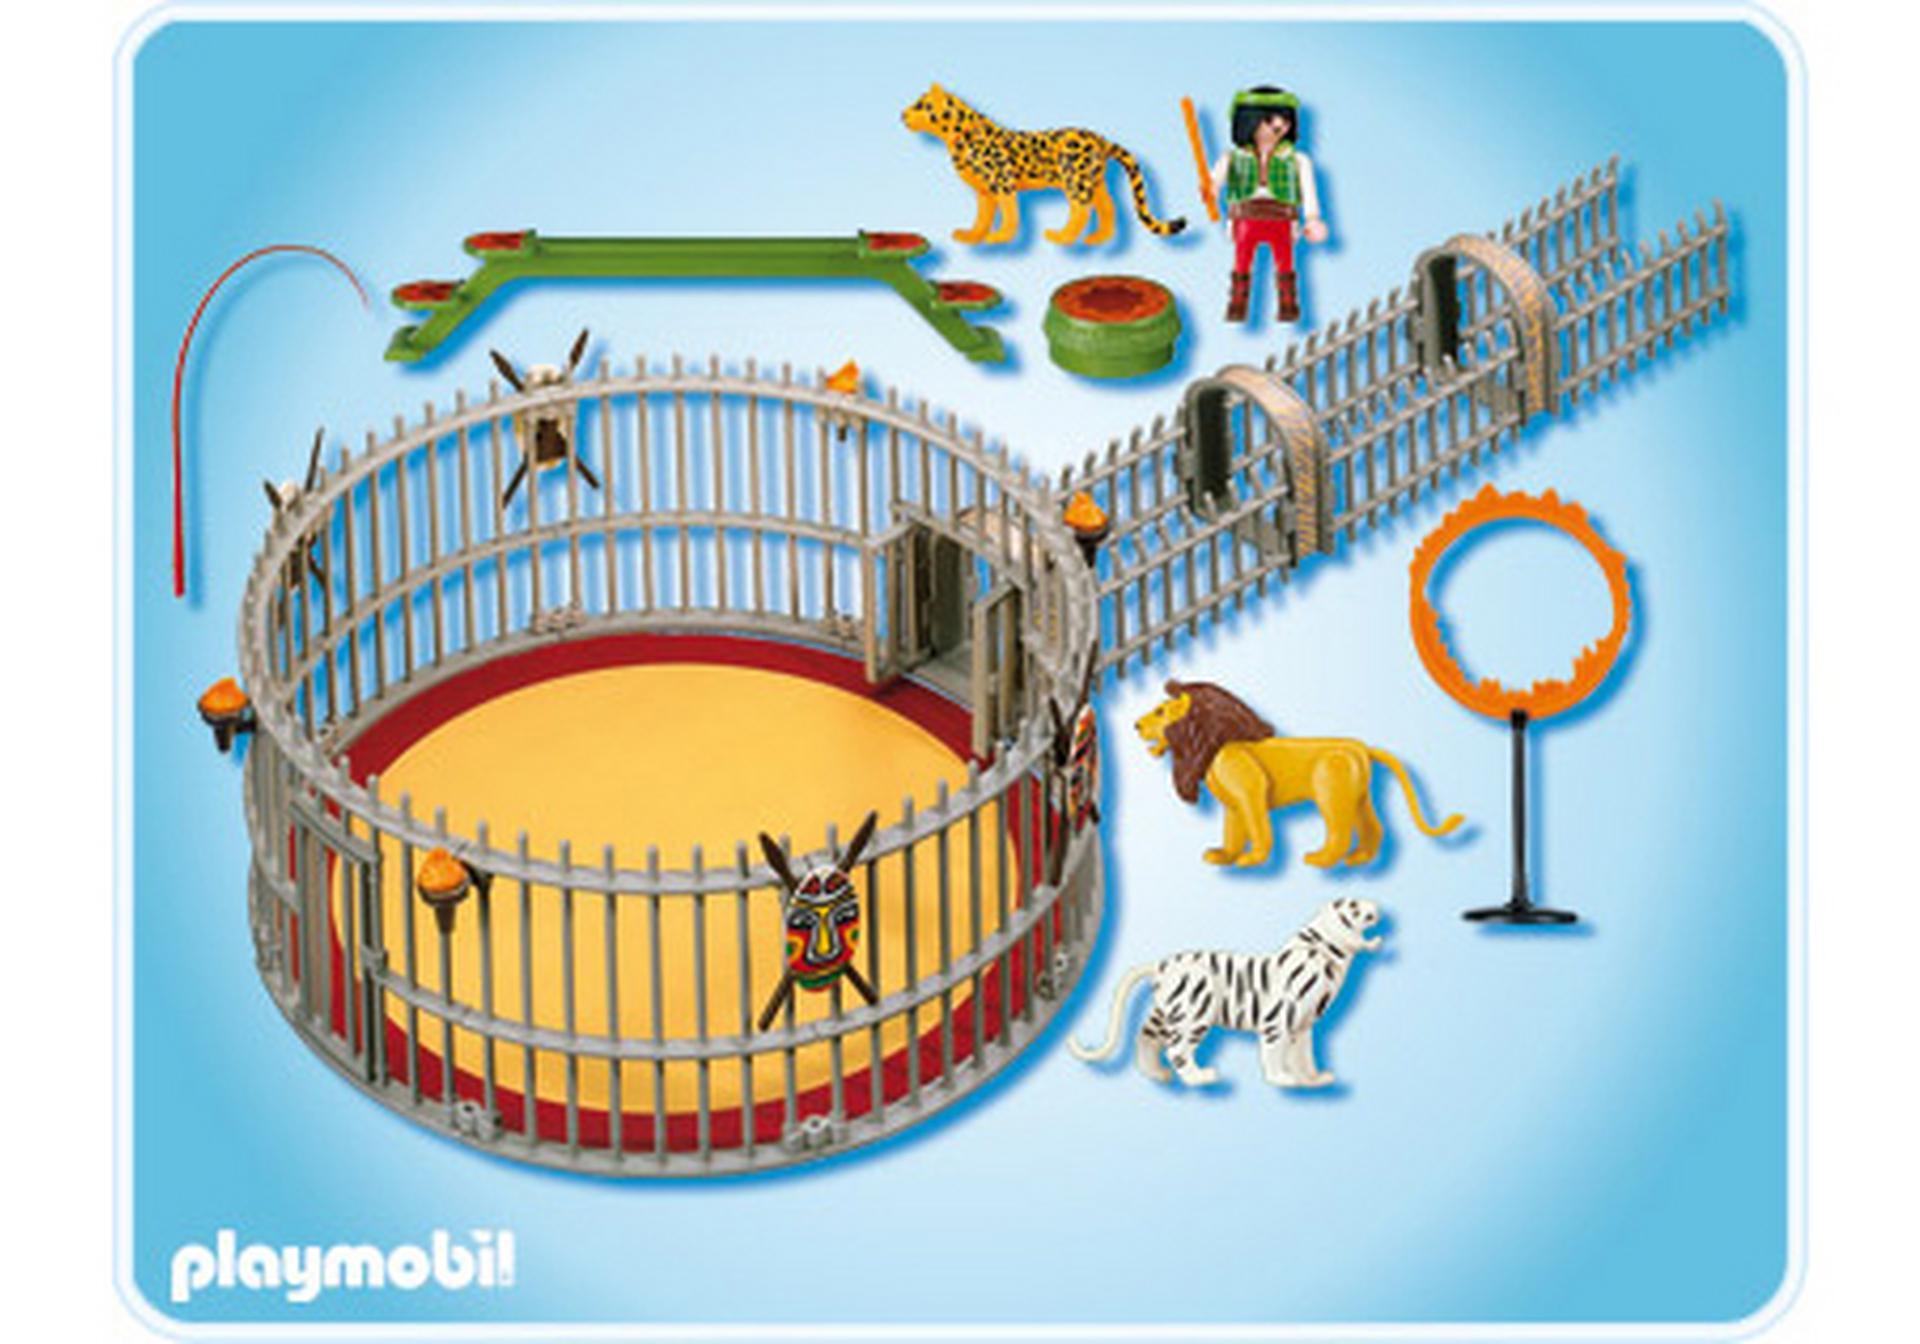 Dresseur avec cage aux fauves 4233 a playmobil france - Cirque playmobil ...